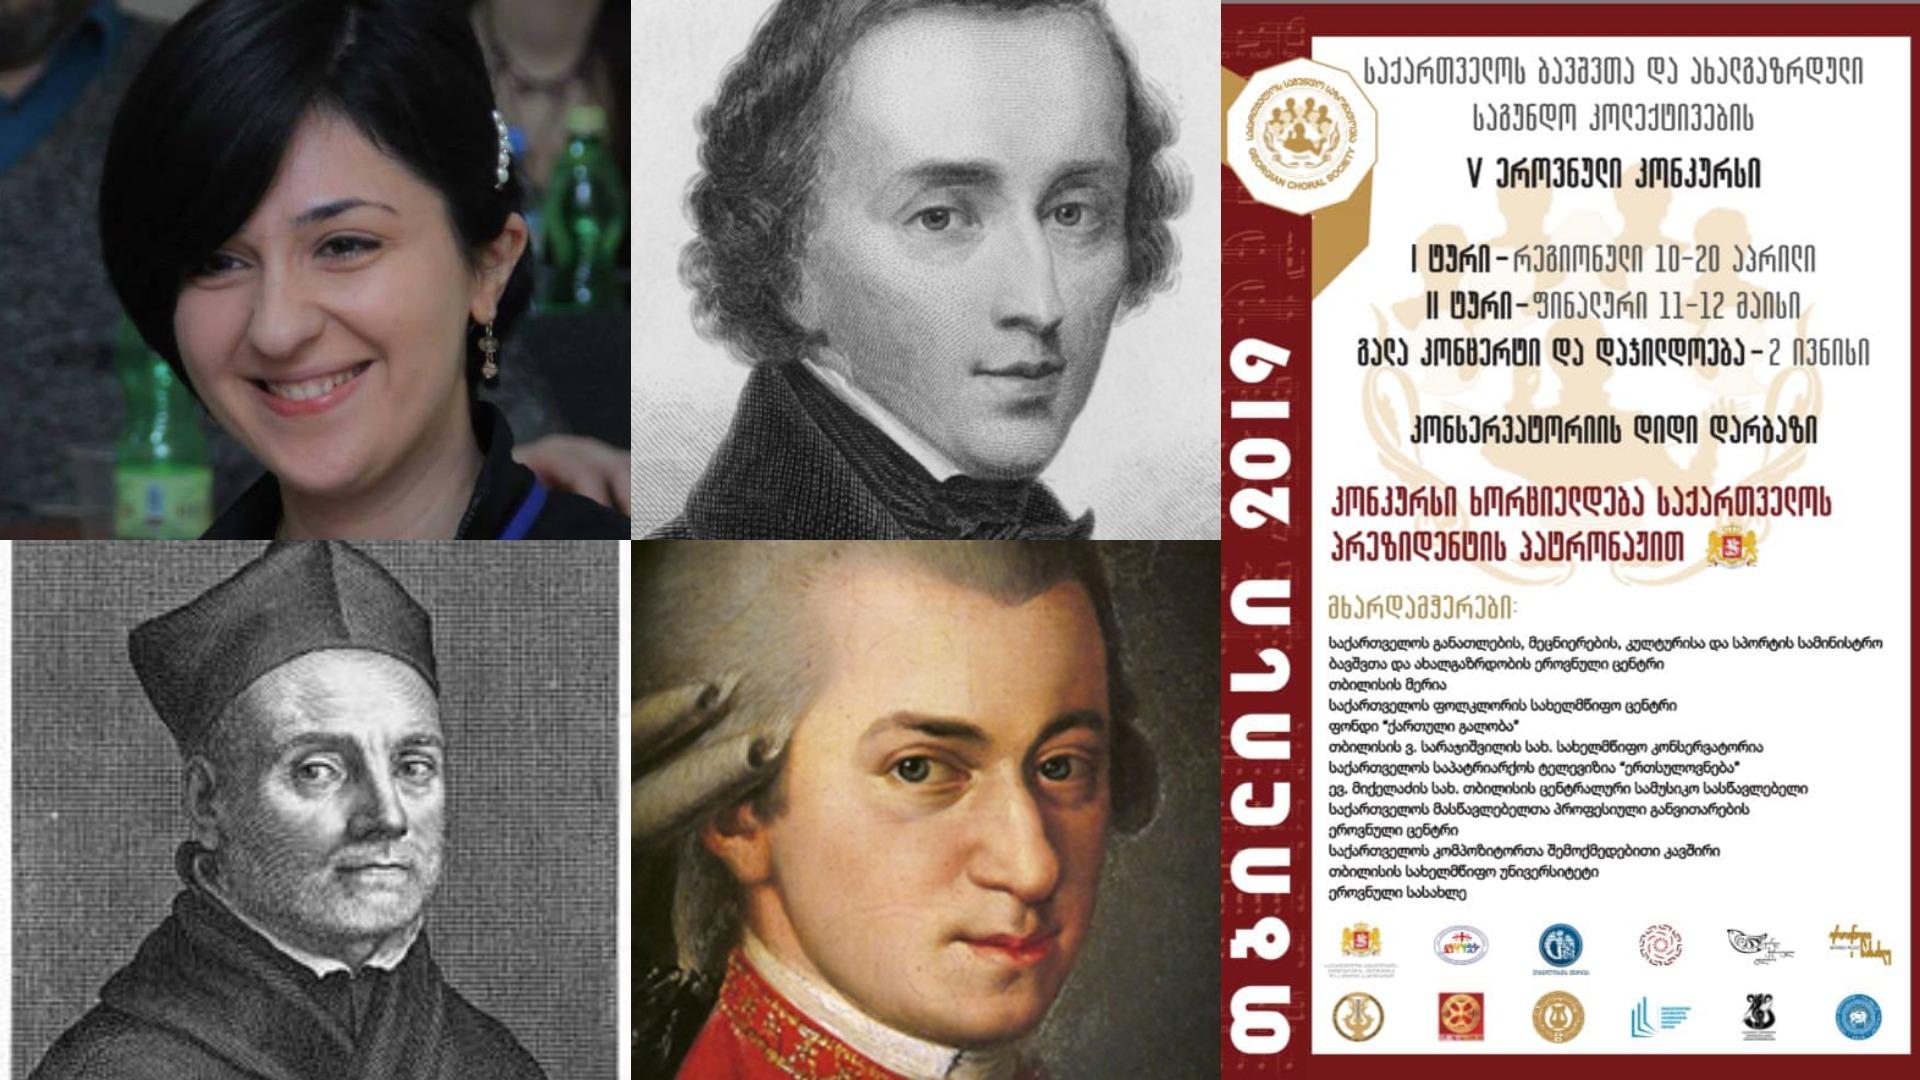 კლასიკა ყველასთვის - რატომ აღარ გვართობს კლასიკური მუსიკა? / საგუნდო კოლექტივების V ეროვნული კონკურსი / სხვადასხვა სტილისა და ეპოქის ნაწარმოებები